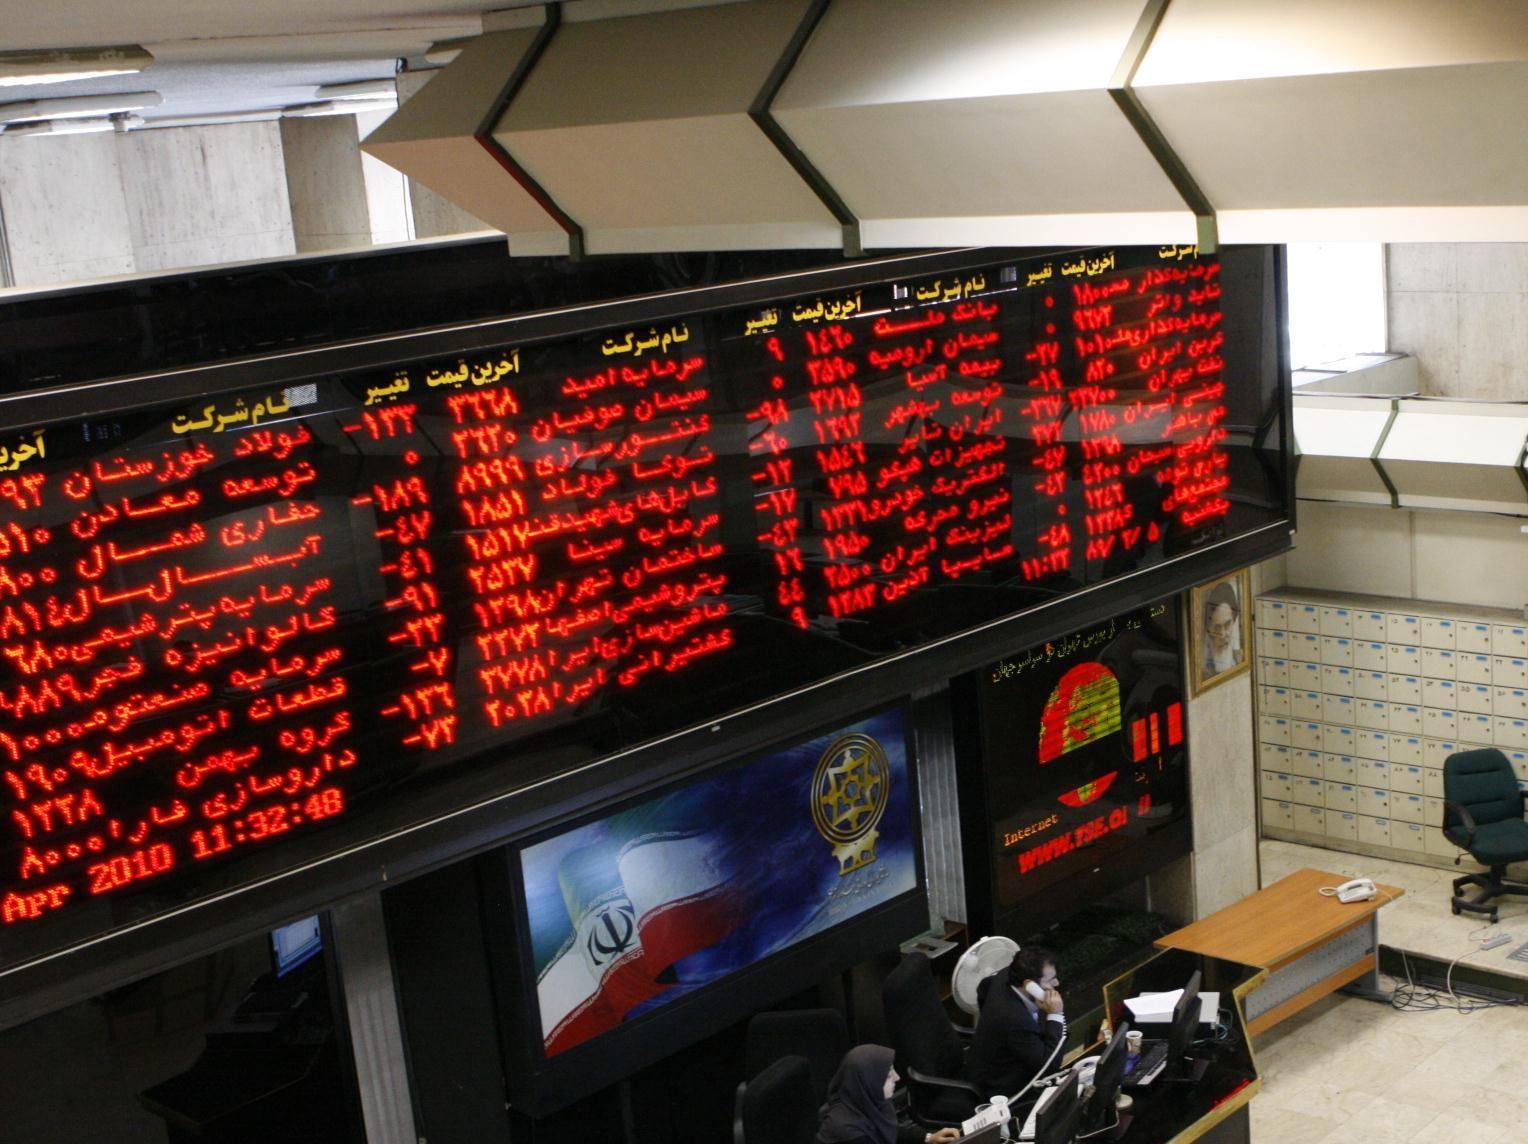 بررسی و گزارش هزینههای قیمتگذاری فلزات  توسط مرکز پژوهشهای مجلس  مارپیچ خطرناک قیمتگذاری در بورس